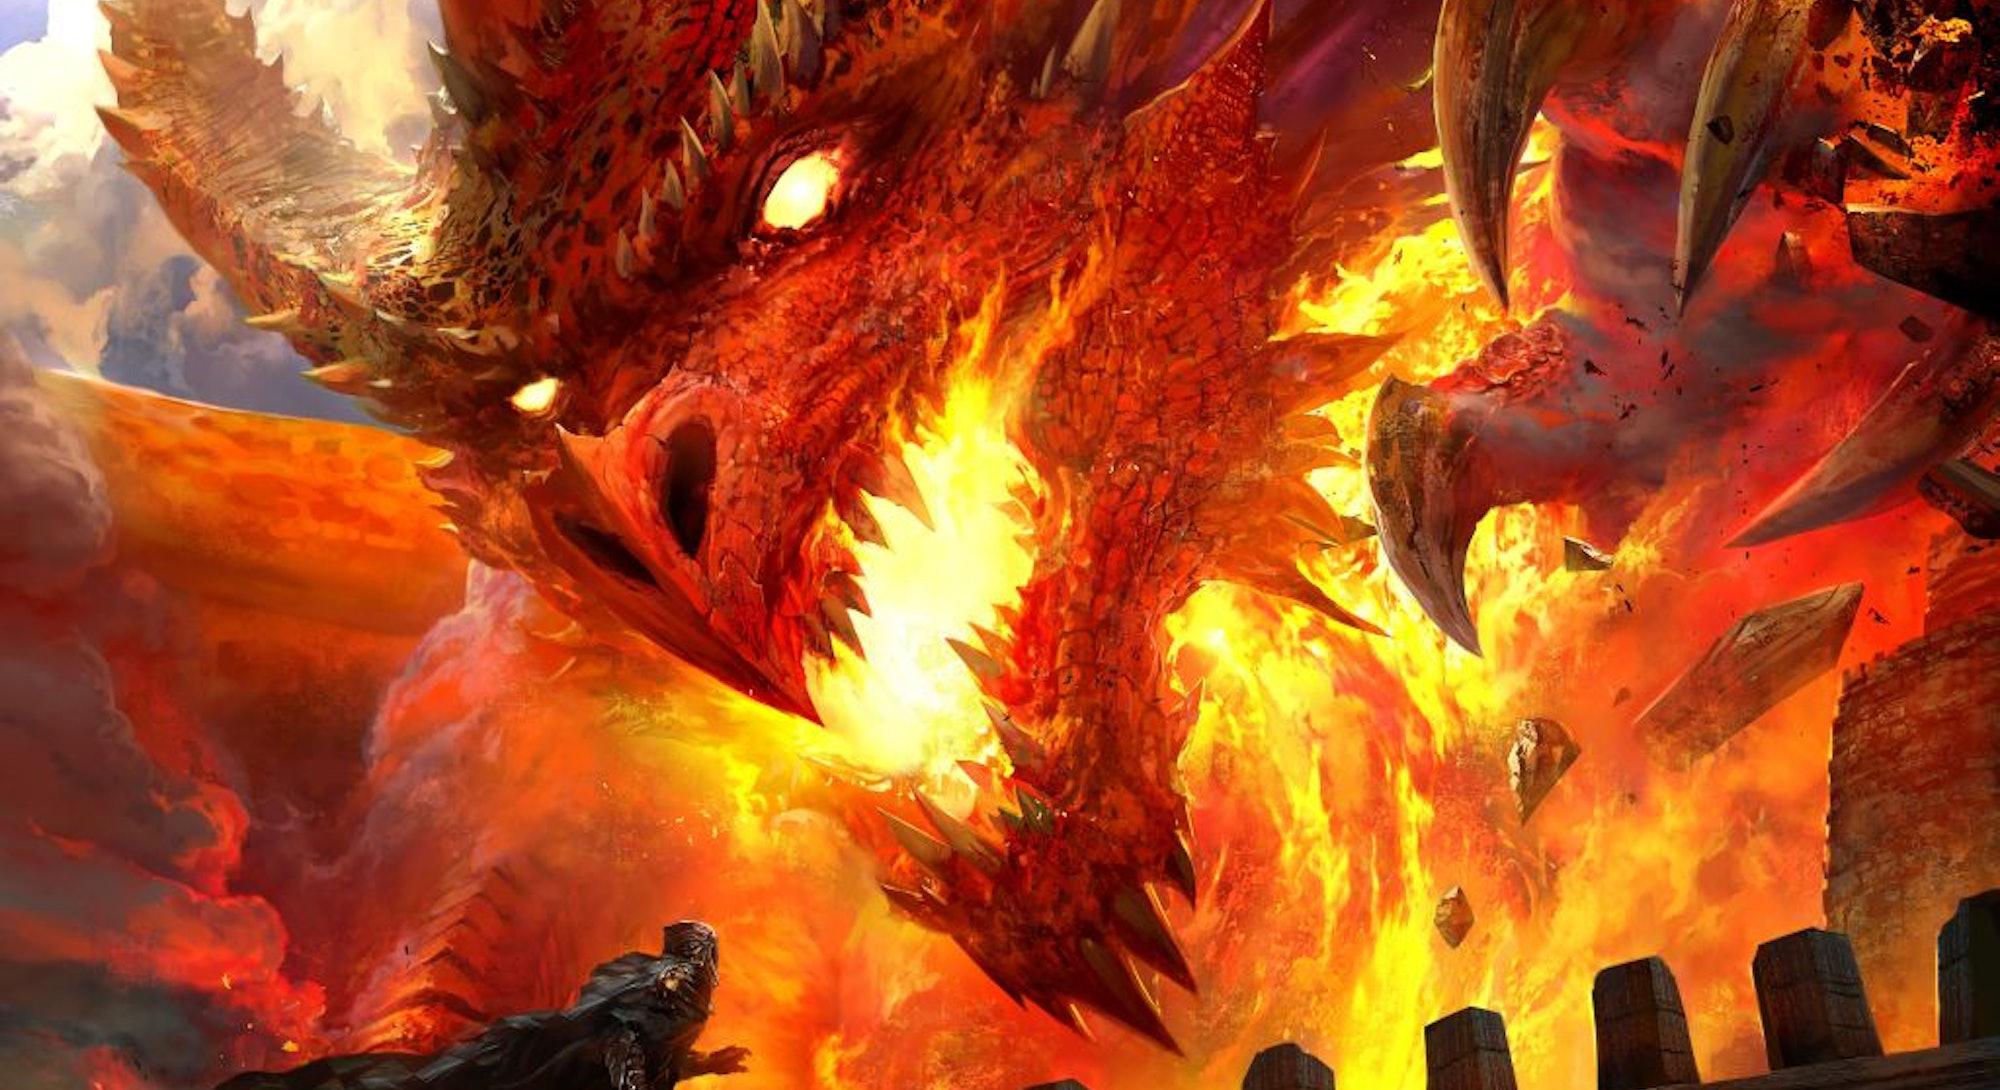 dragon fighting adventurer with sword in D&D Next art